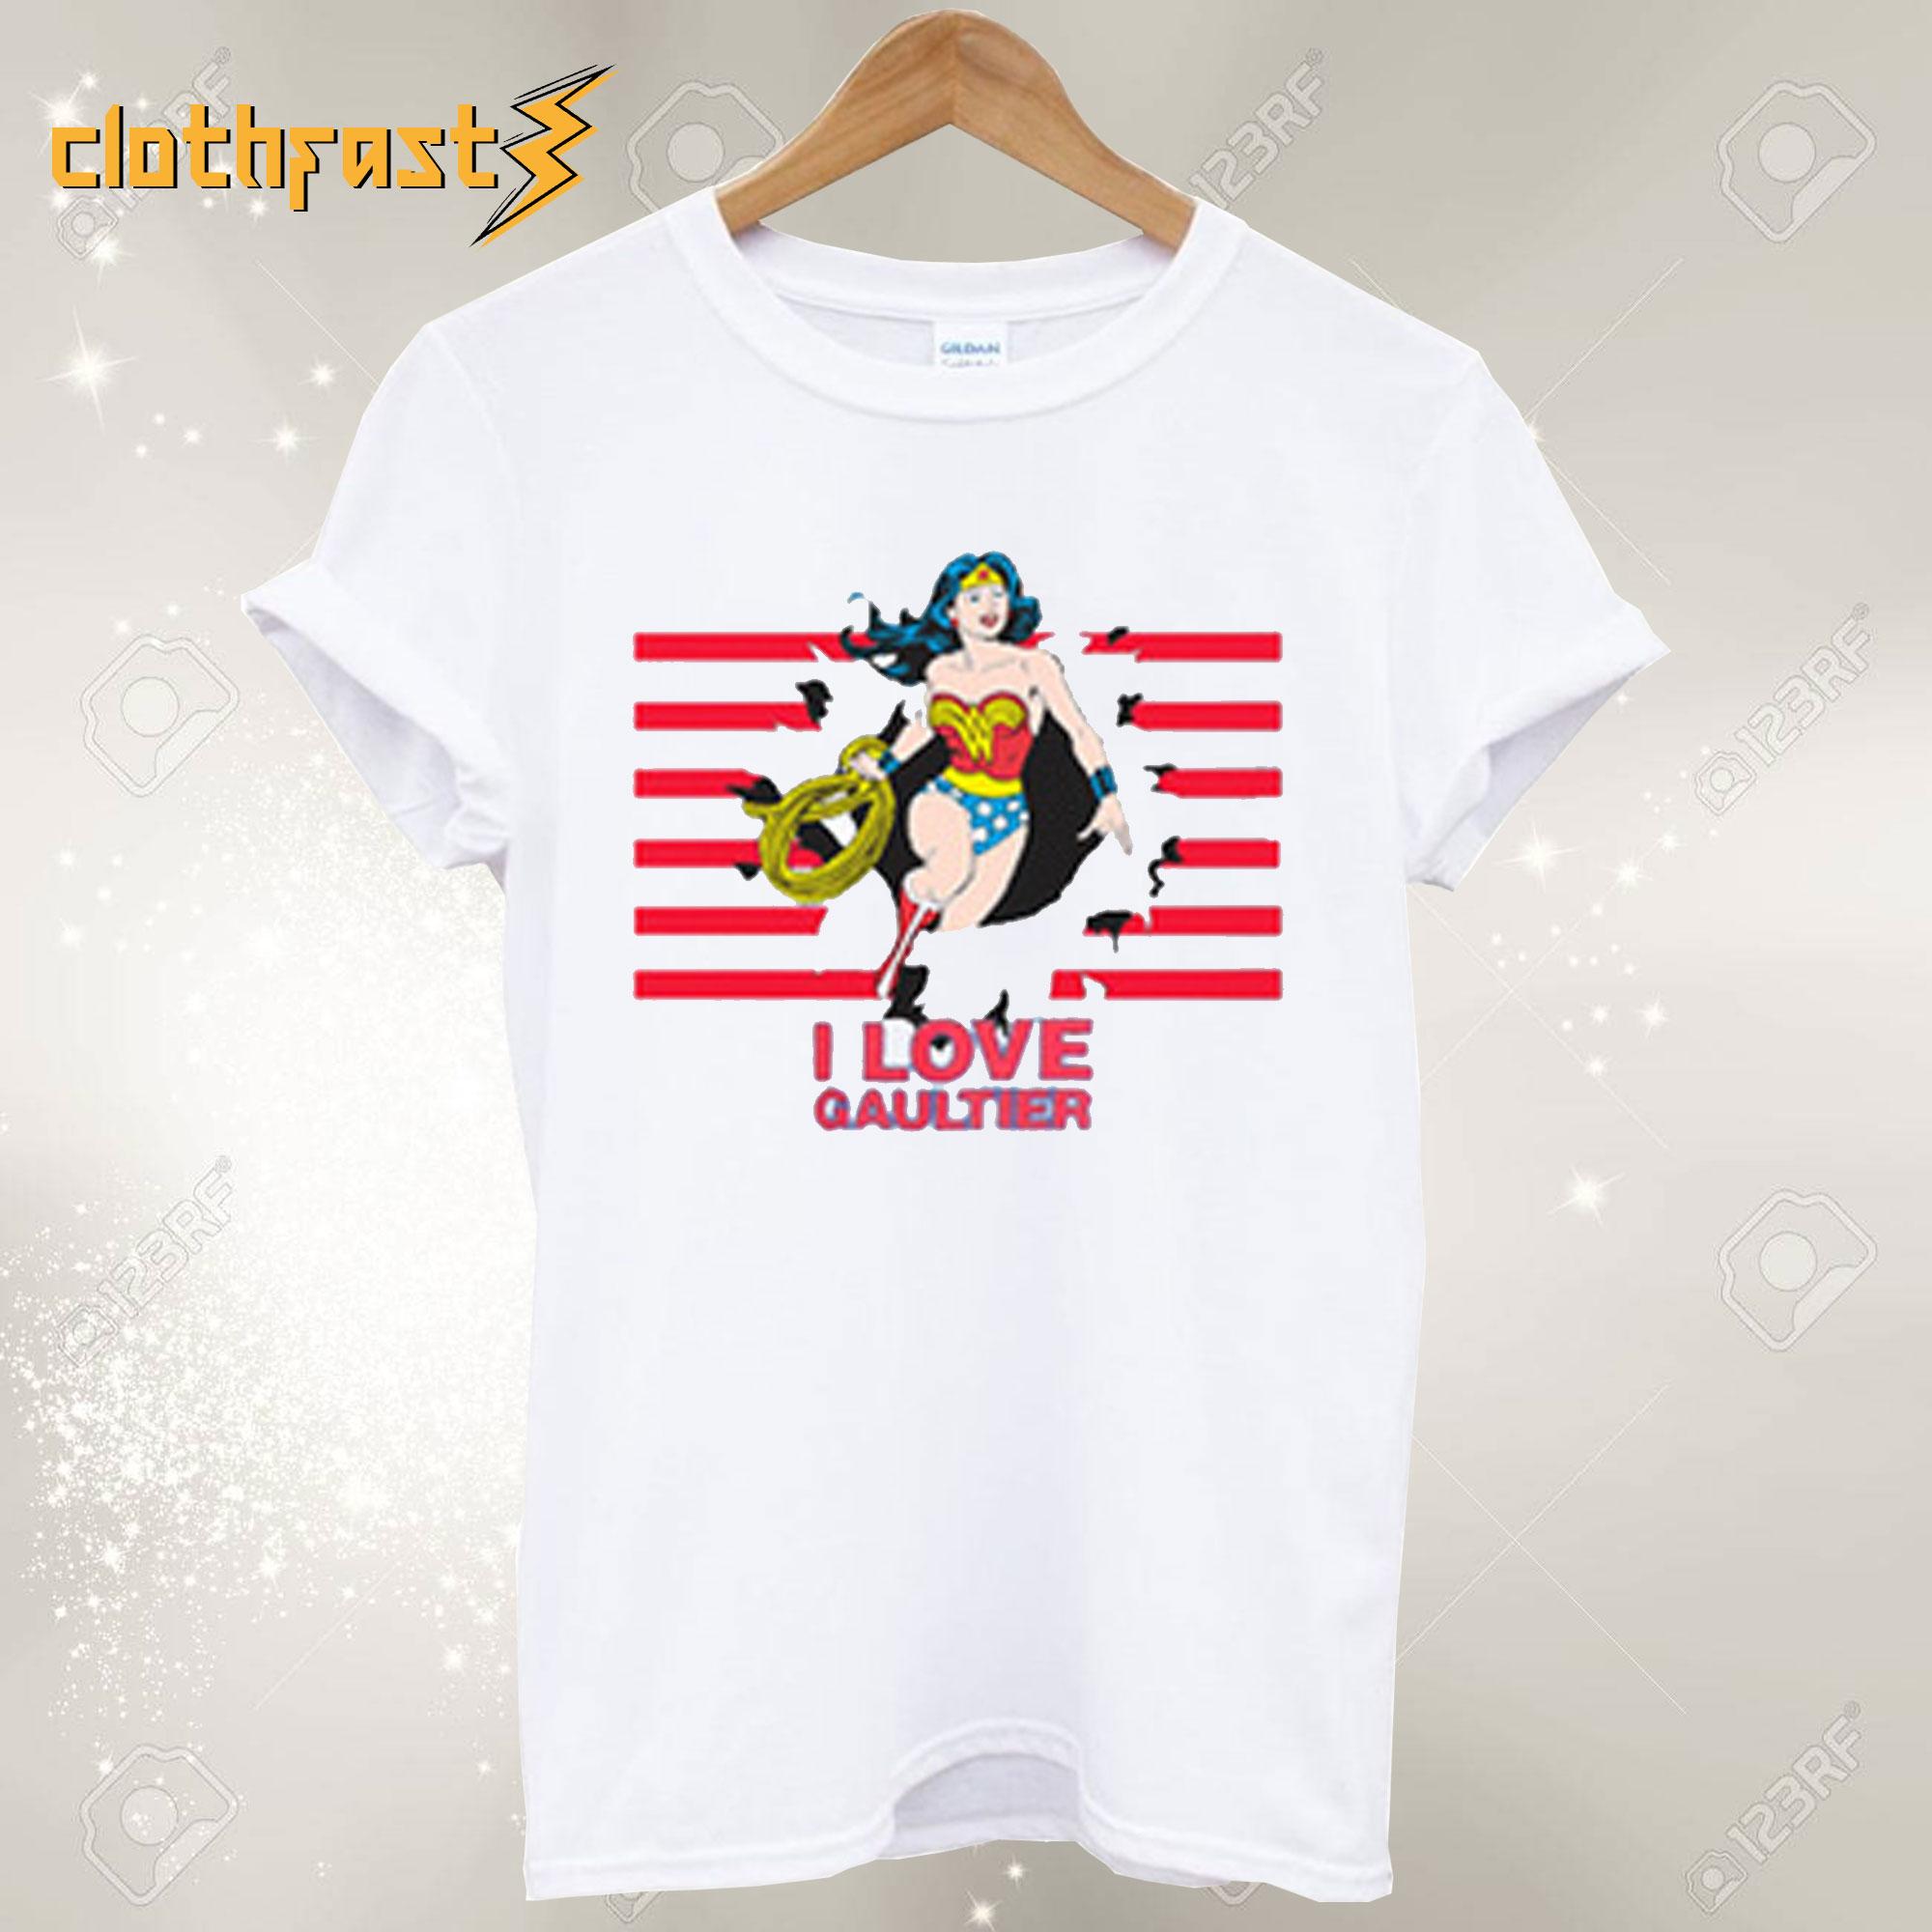 Wonder Woman I Love Gaultier T-Shirt